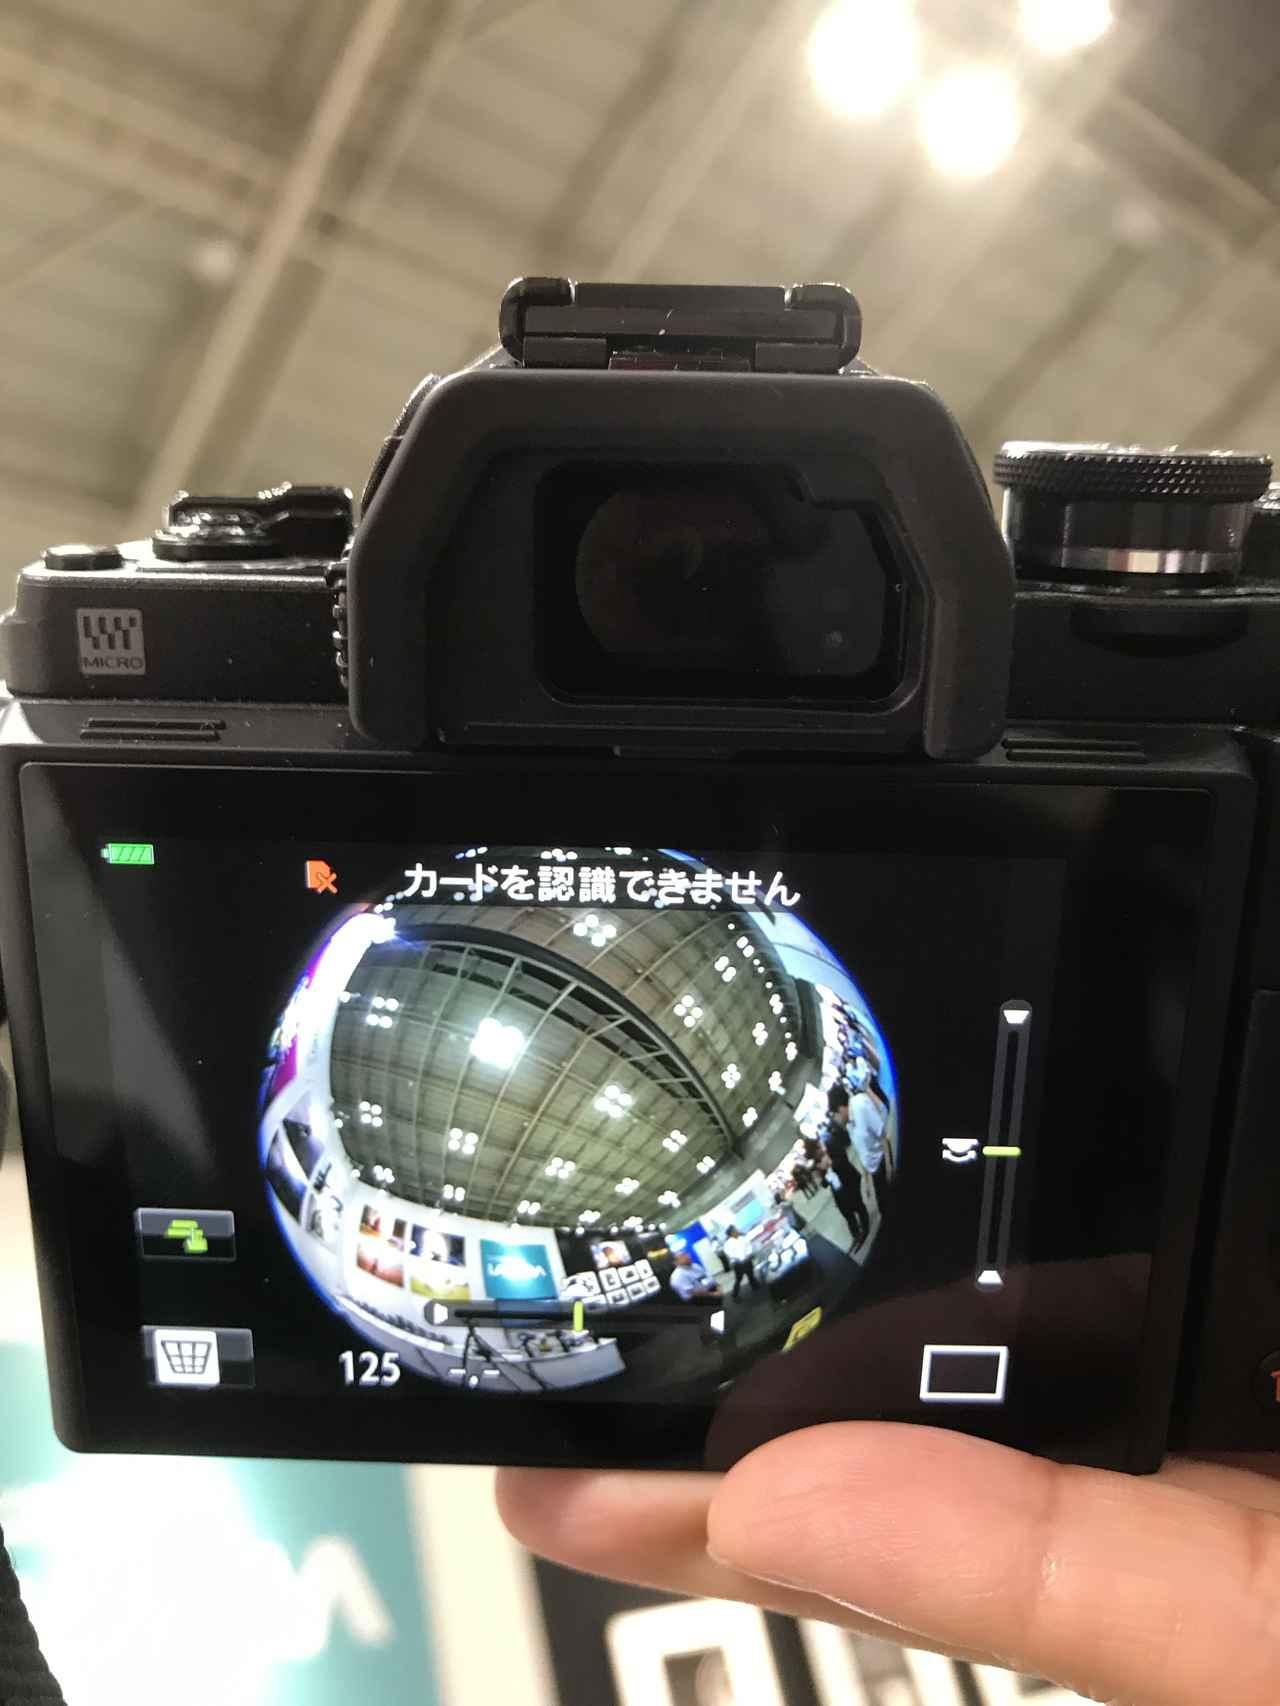 画像: 全周魚眼で画角がものすごく広い。そのため、カメラのグリップを握る指が写ってしまいがちなので注意!VR(バーチャルリアリティー)用に使いたい人もいたとか。